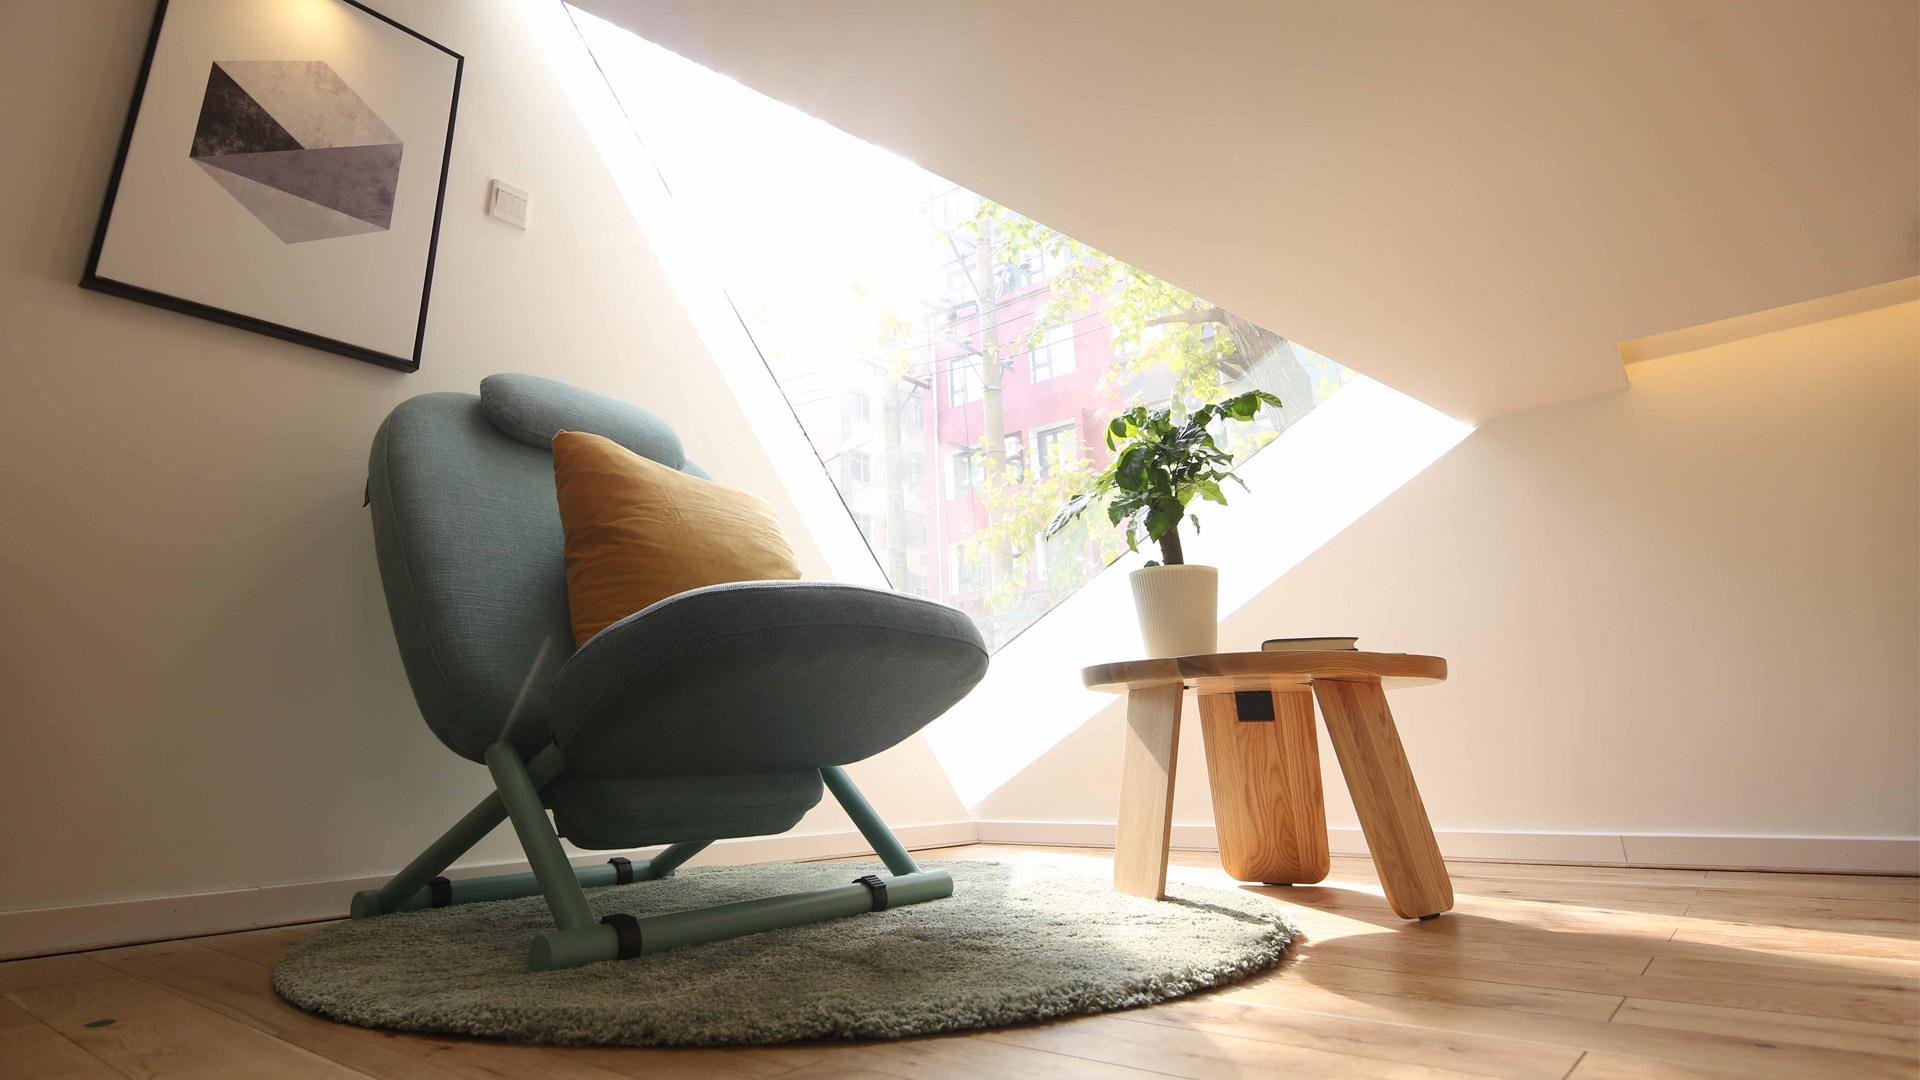 实景示范,一桌一椅搭建惬意角落